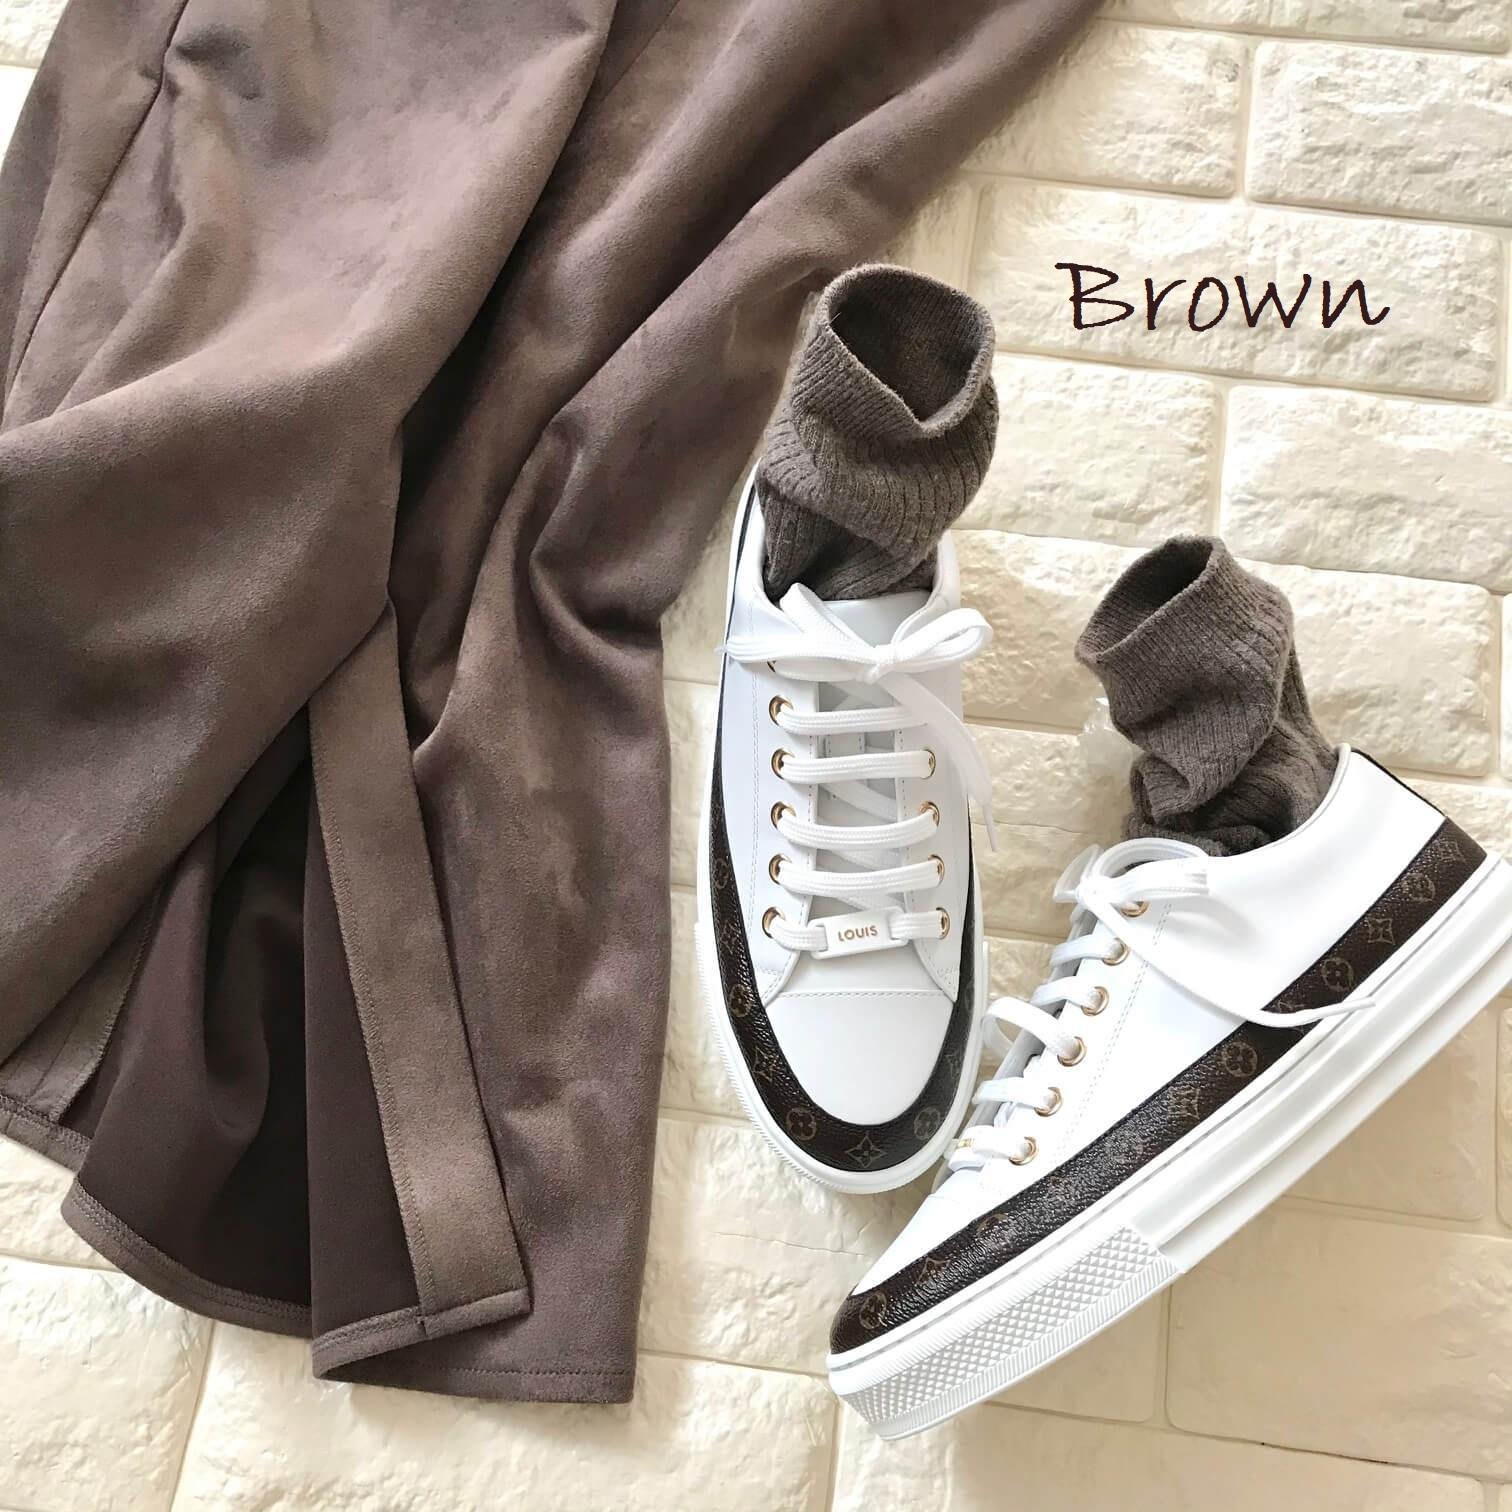 ルイヴィトンのスニーカーとブラウンのスカートを合わせた画像